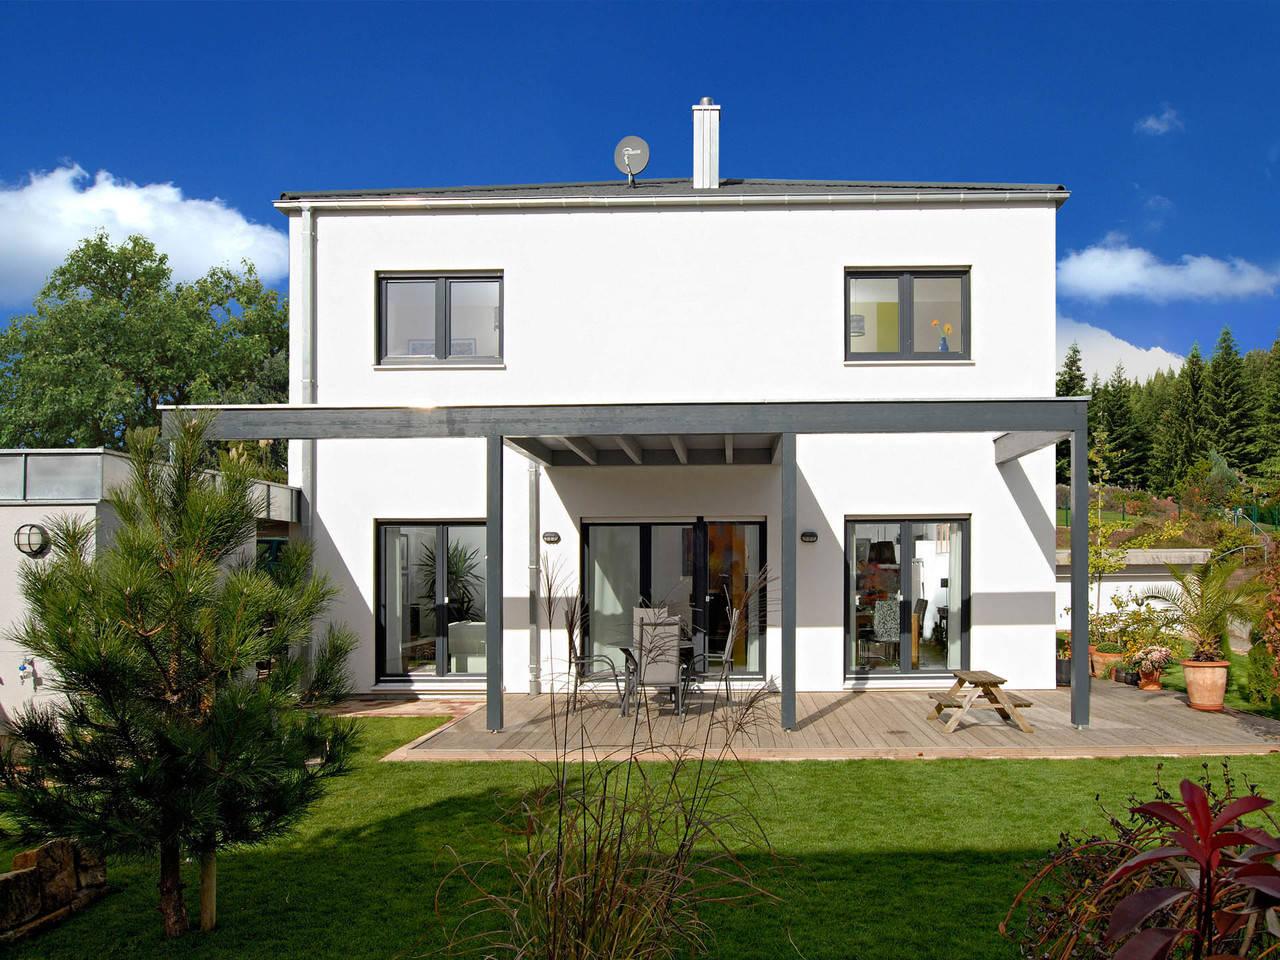 Haus Becker Fertighaus Weiss Terrasse